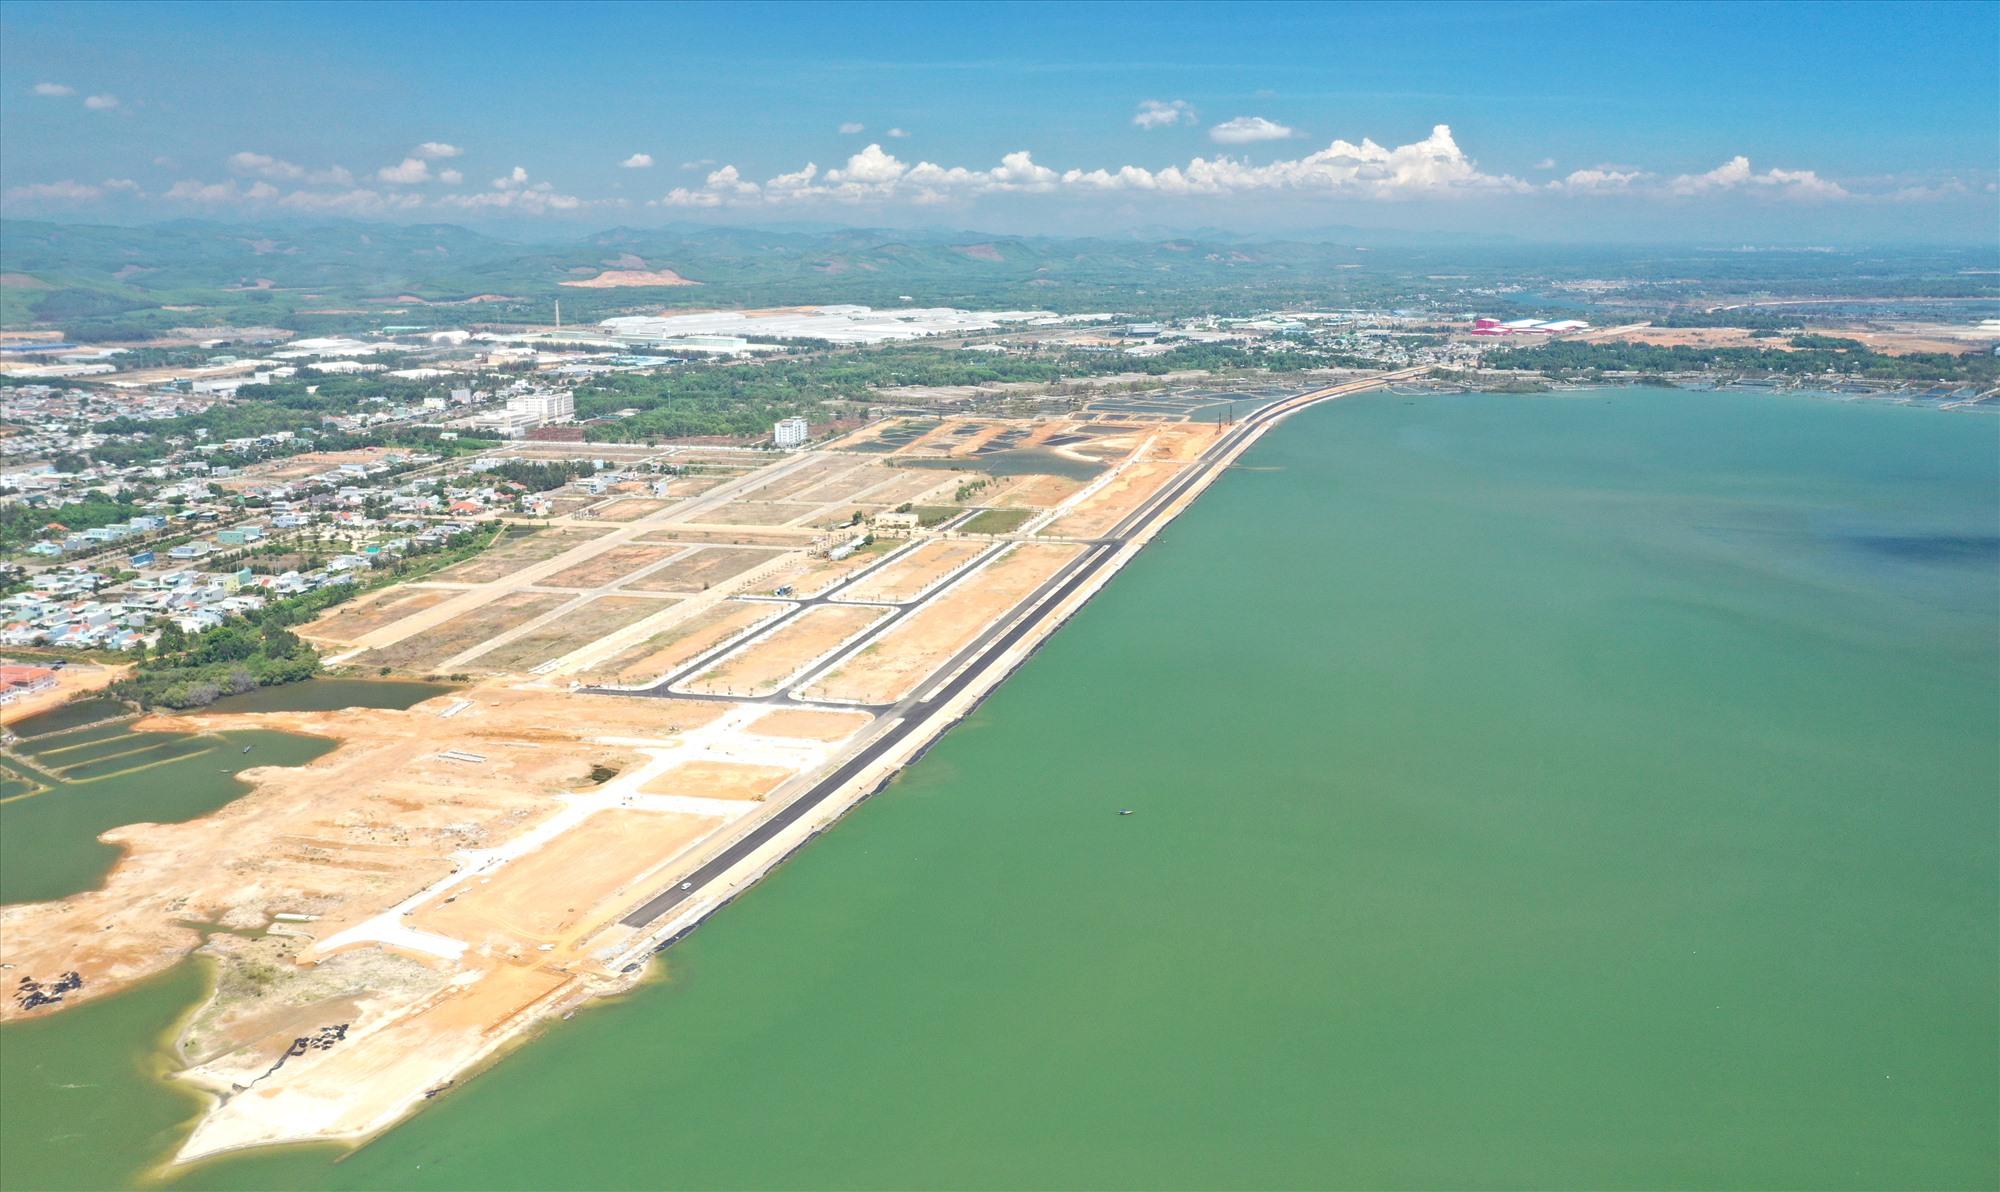 Vịnh An Hòa City tiếp giáp với đường Võ Chí Công, mặt hướng ra vịnh An Hòa lộng gió. Ảnh: K.K